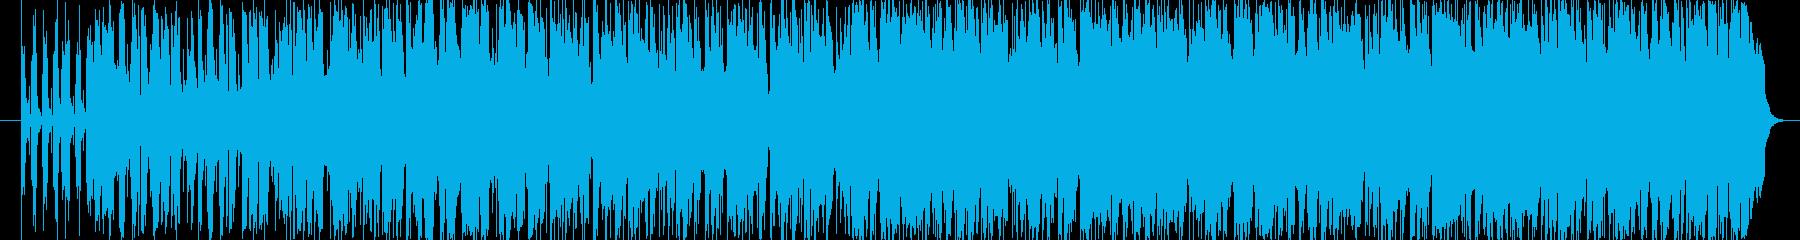 ピアノで旋律を奏でているジャズワルツの再生済みの波形